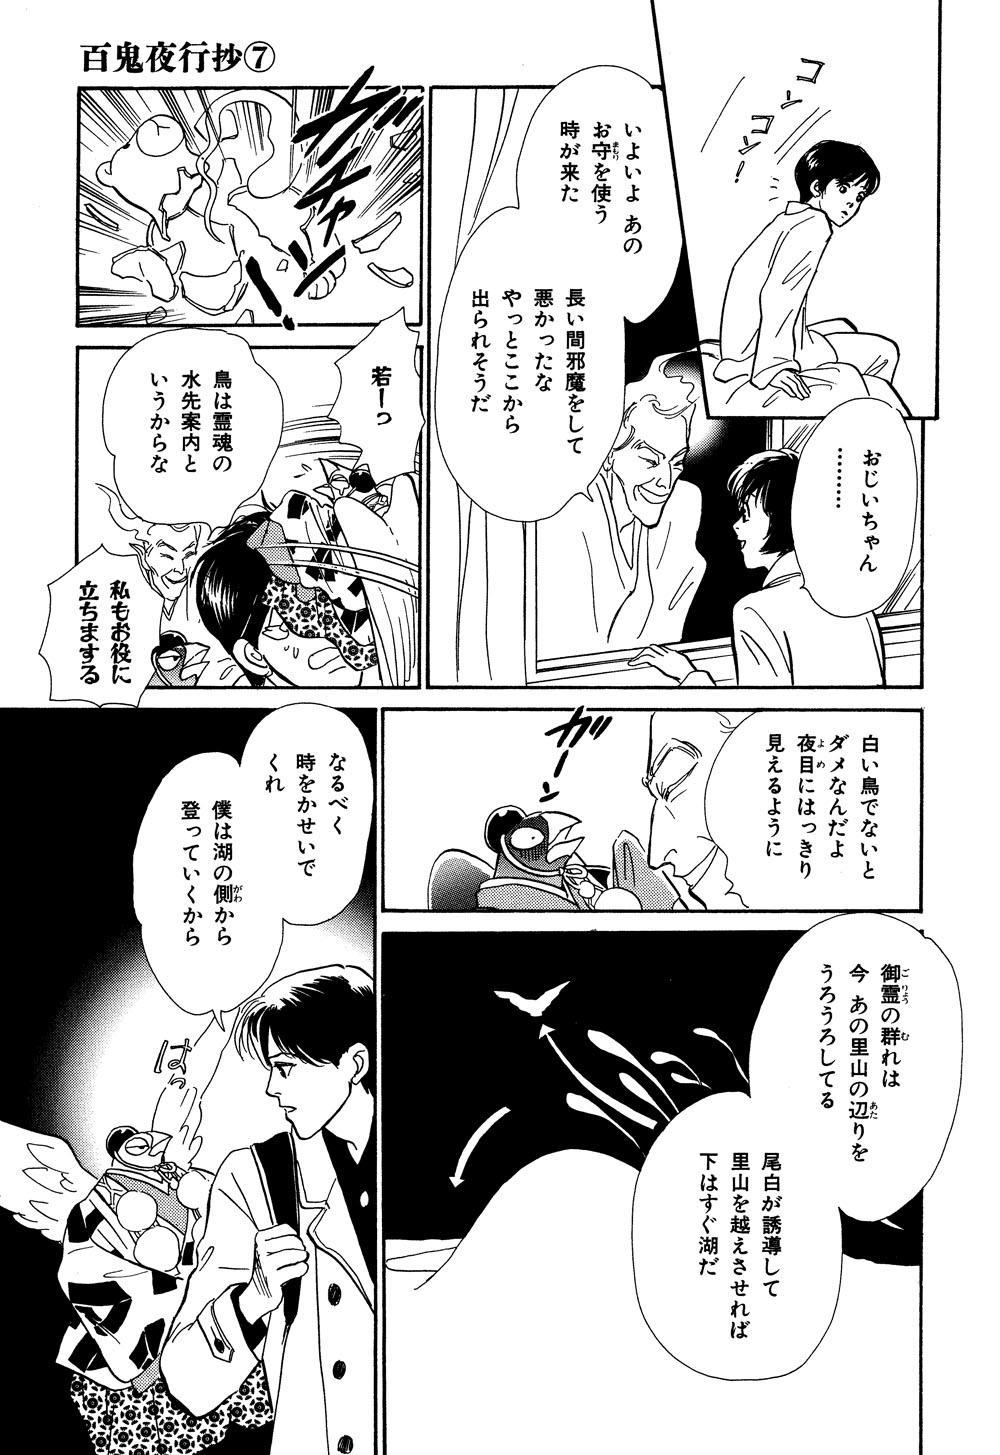 百鬼夜行抄_07_0051.jpg